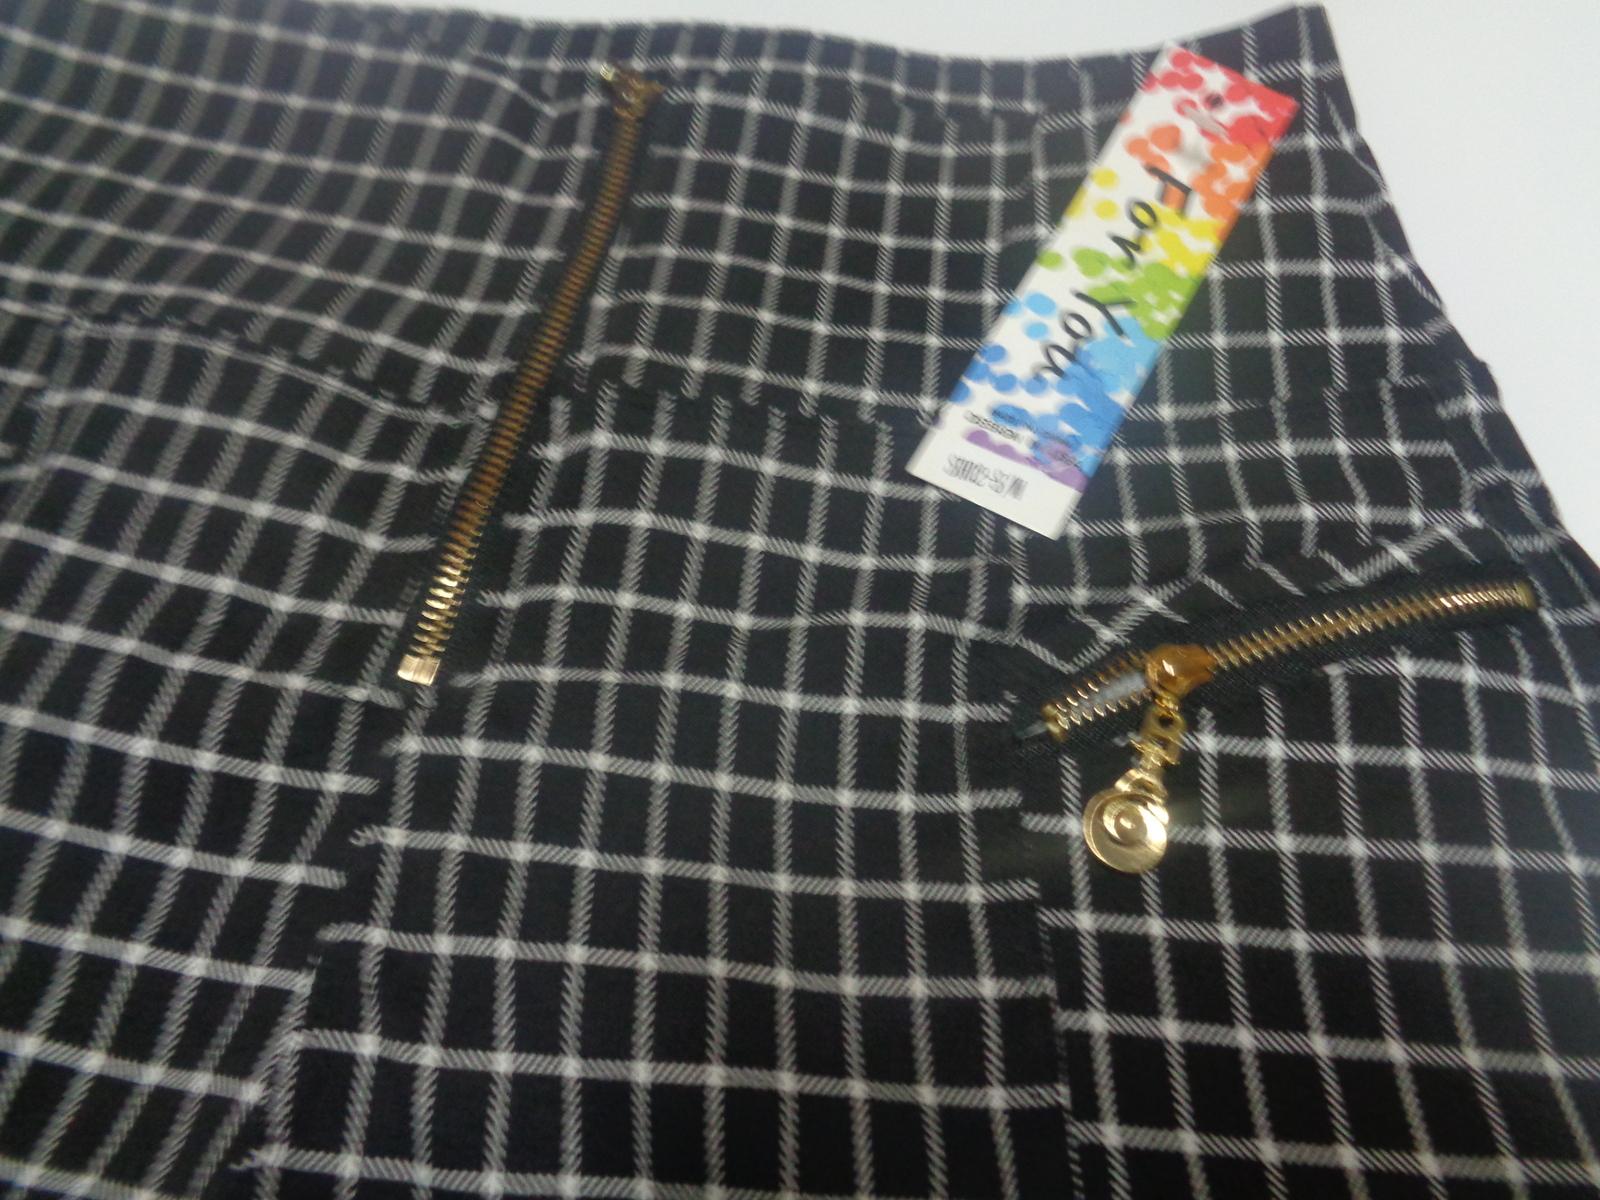 JUST FOR YOU Black & White Mini Short Shorts NWT Juniors SZ S